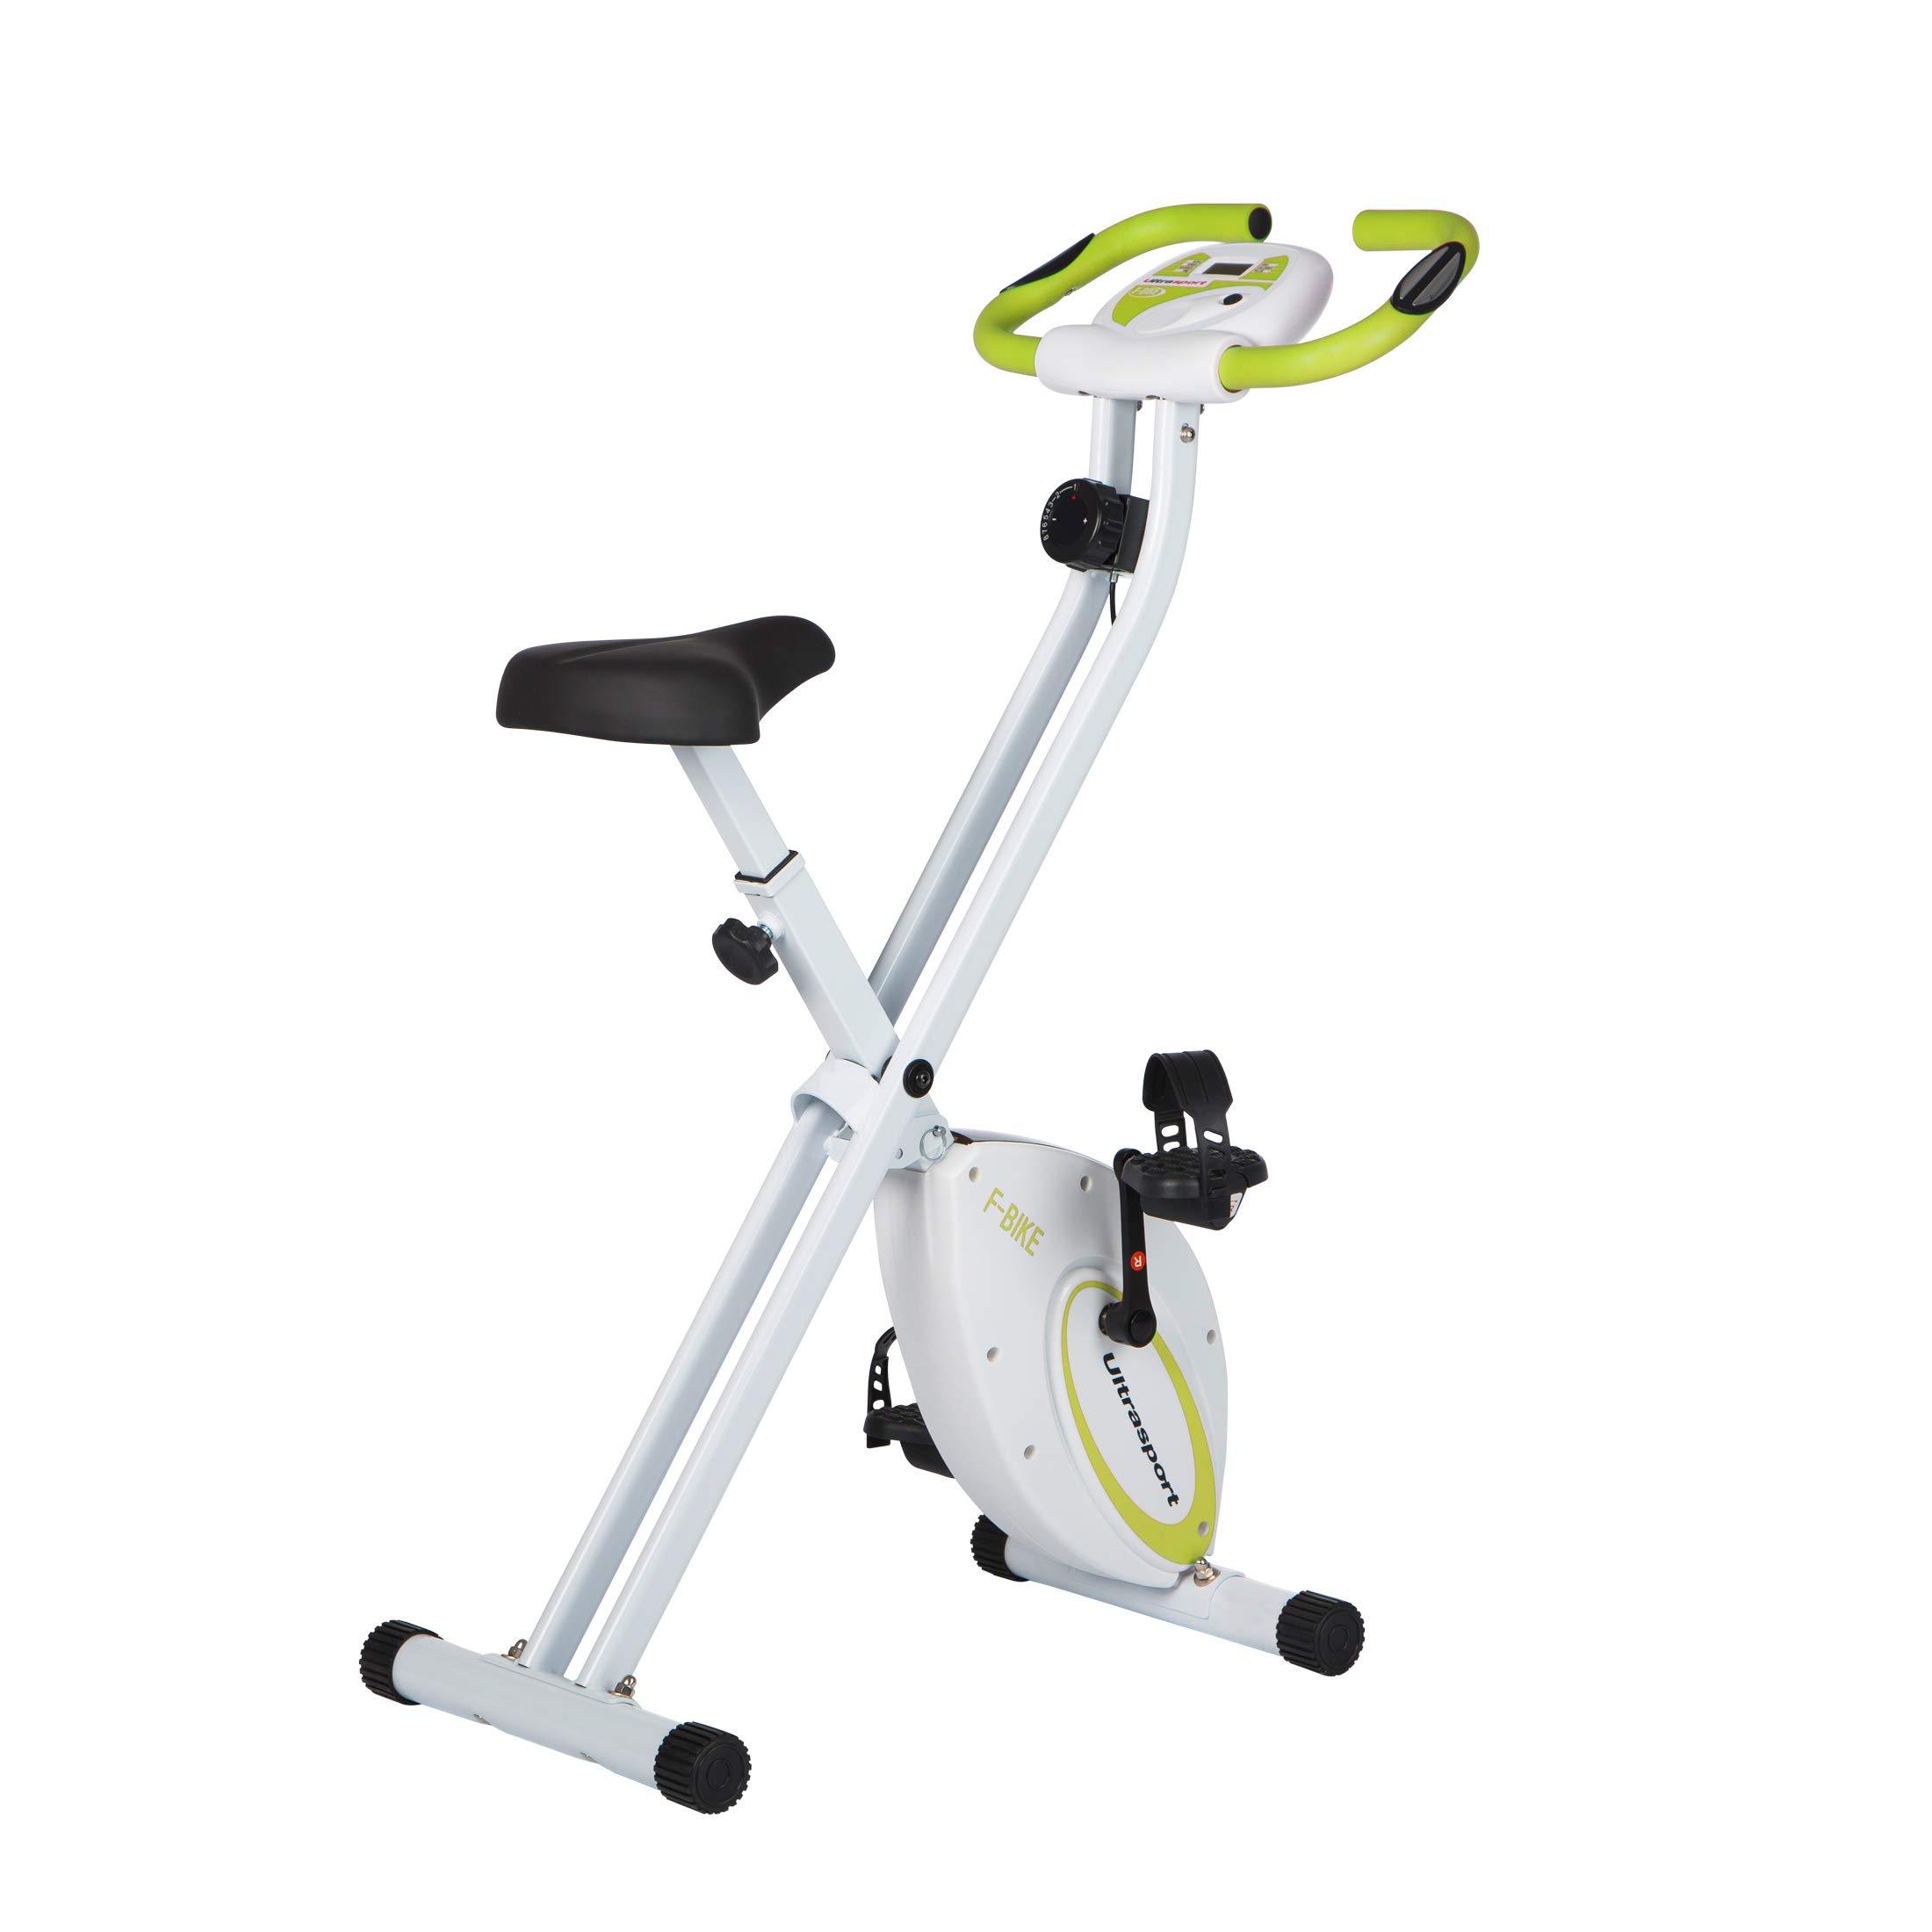 Ultrasport F-Bike Bicicleta estática de fitness, aparato doméstico, plegable con consola y sensores de pulso en manillar, Verde: Amazon.es: Deportes y aire libre